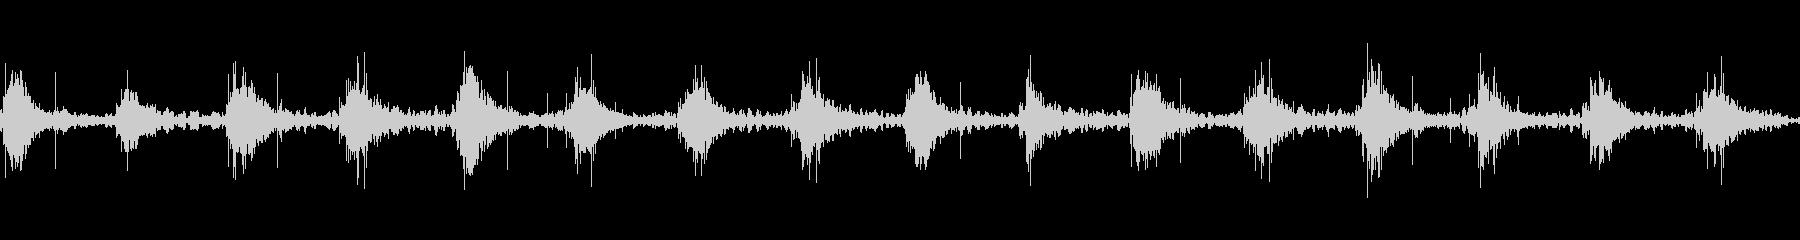 足音 行進の音(軍隊、兵隊、大人数等)5の未再生の波形